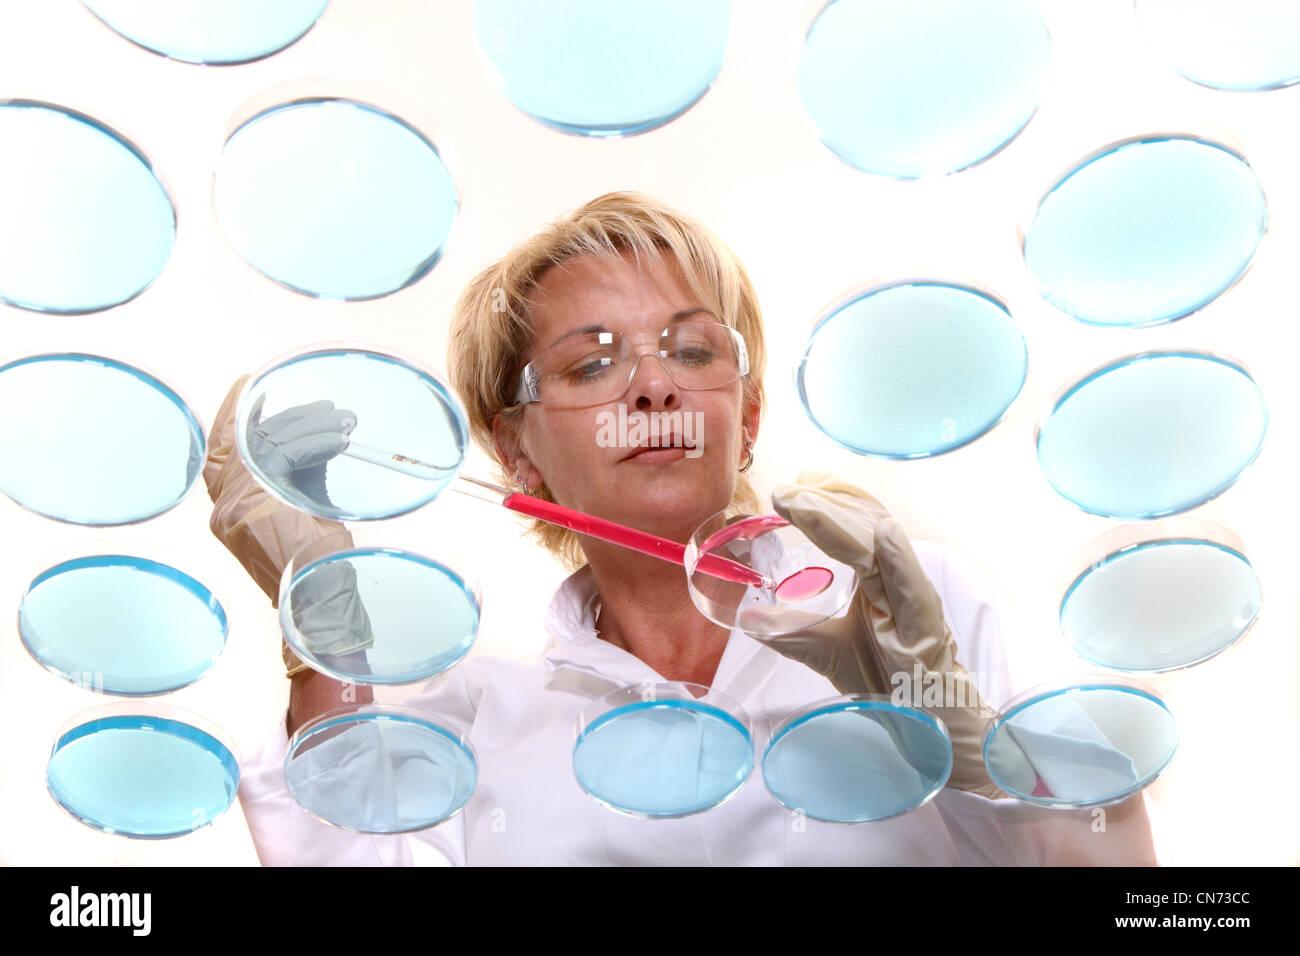 Tecnico di laboratorio in laboratorio con le colture di batteri in capsule di Petri. Visto attraverso un tavolo Immagini Stock